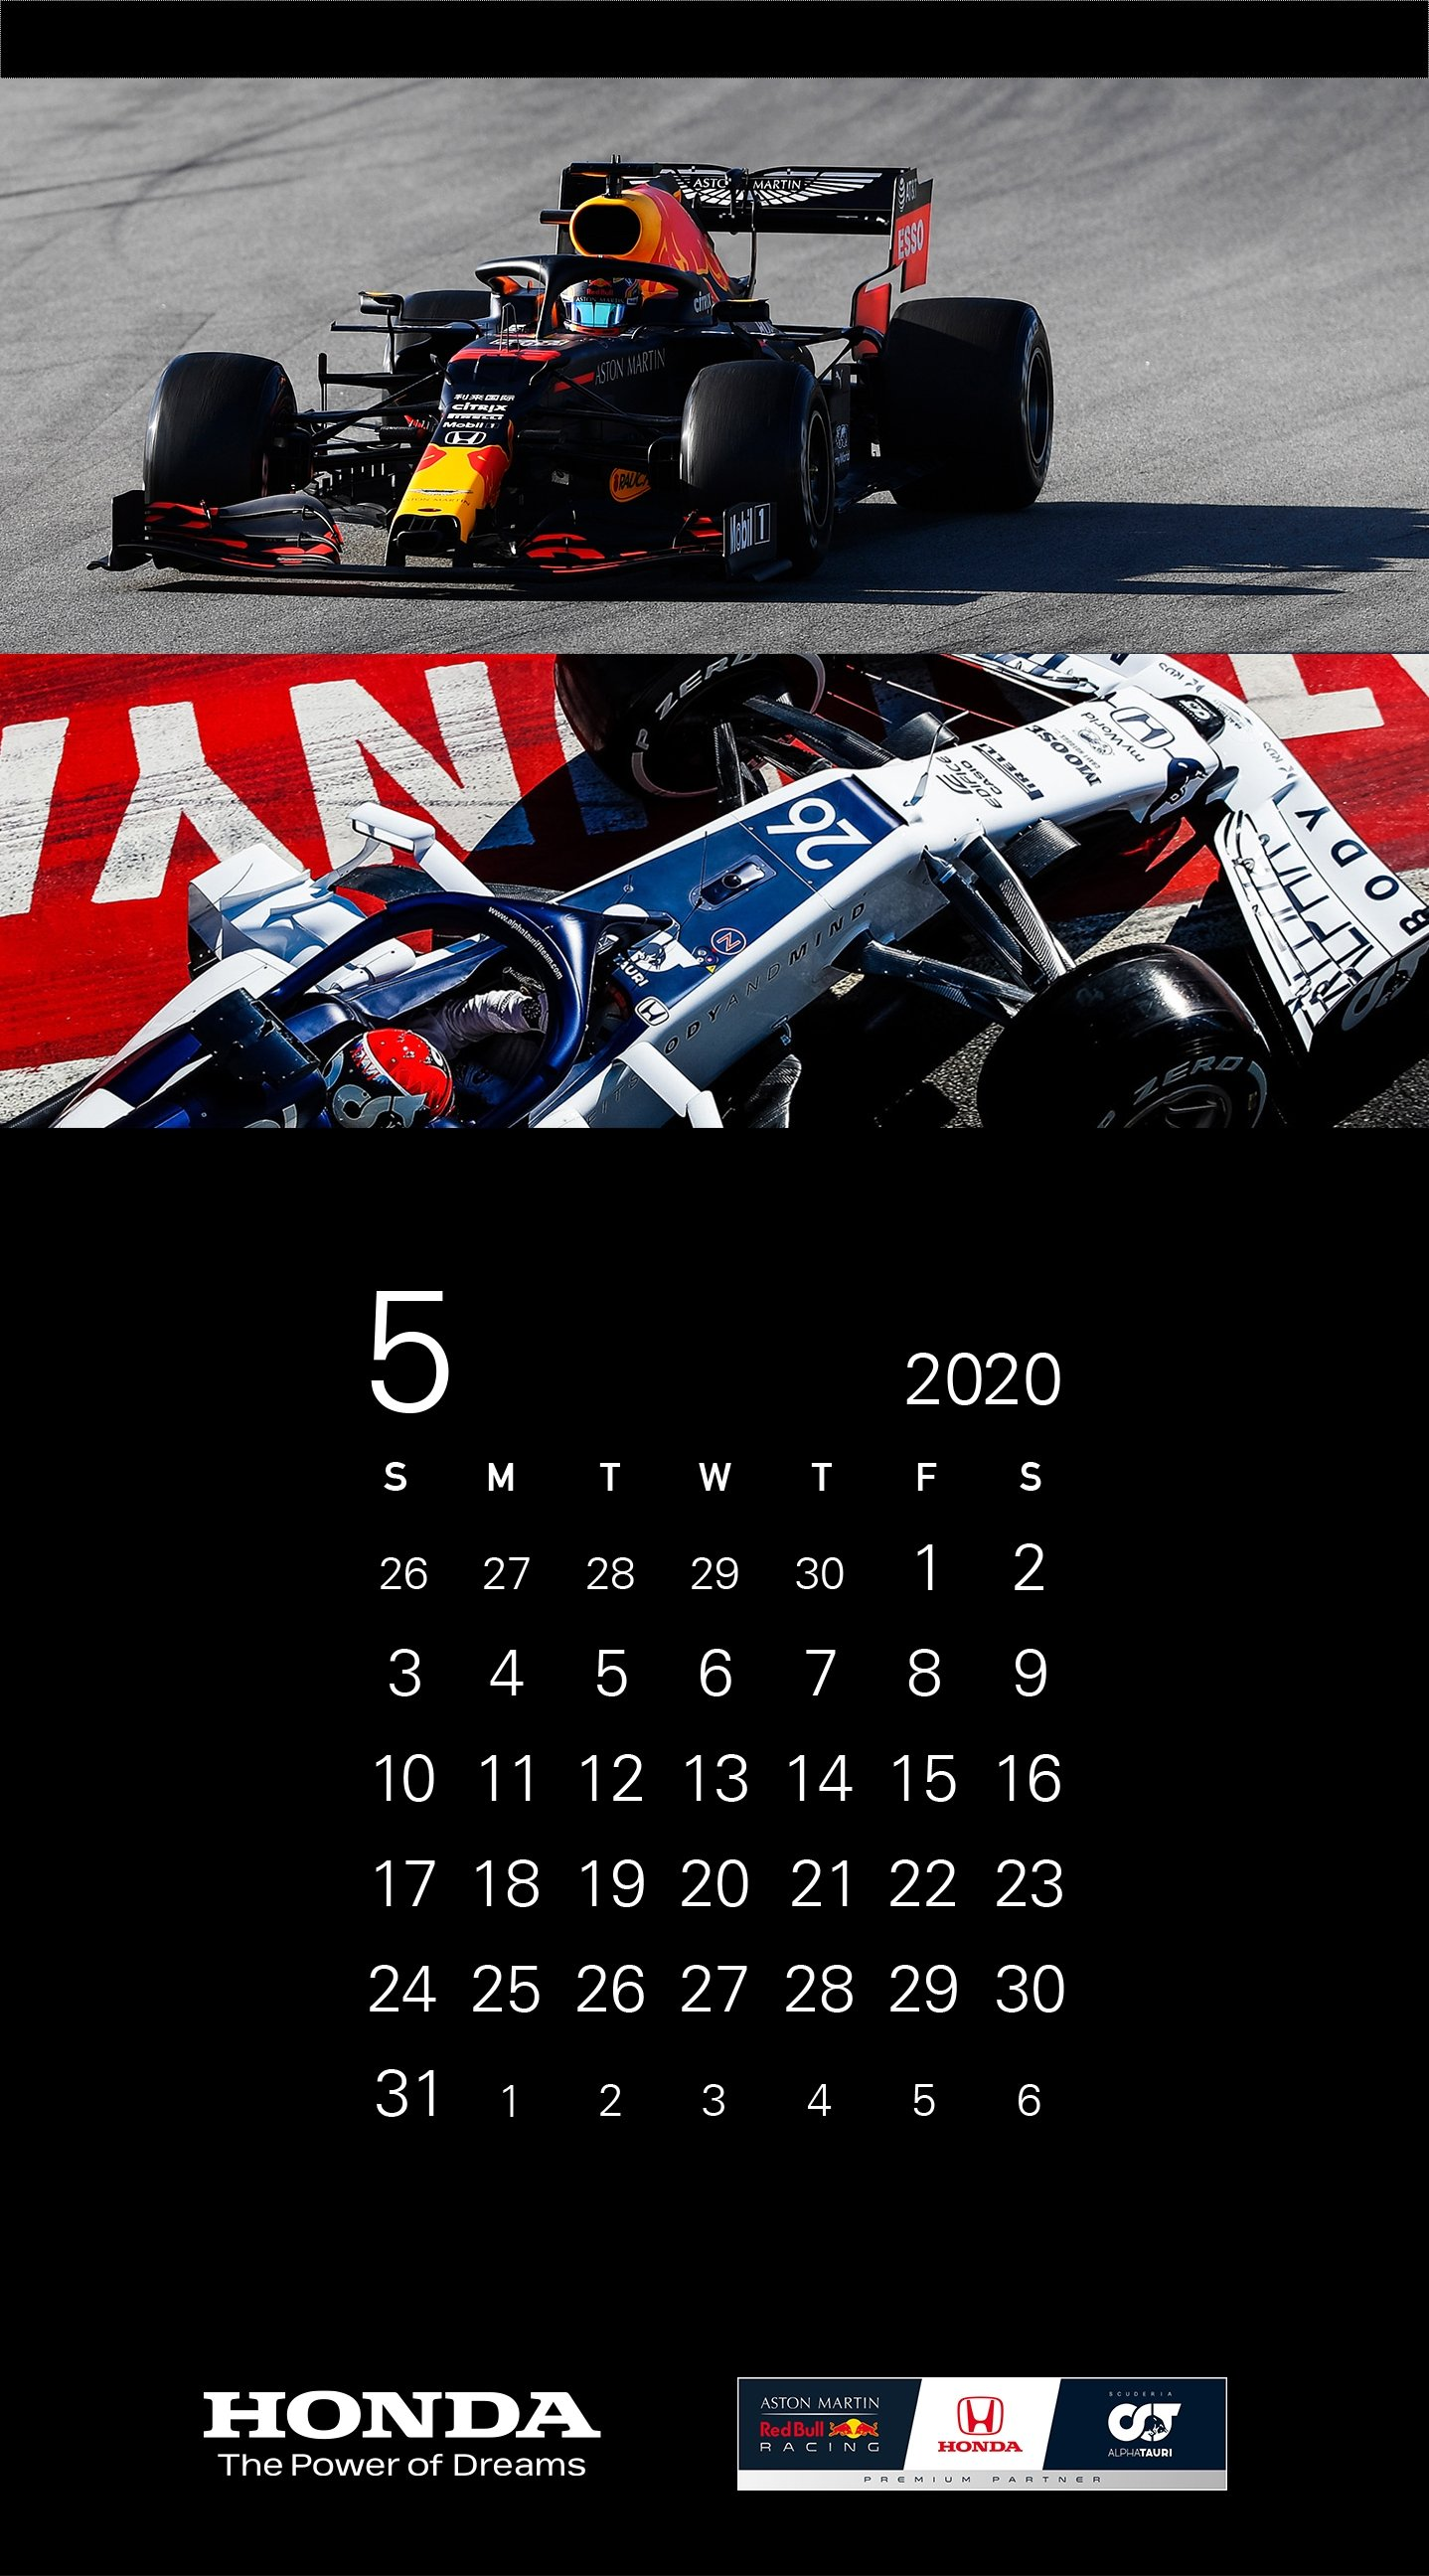 ホンダf1 Pc スマホ用の壁紙カレンダーを無料配布 F1 Gate Com